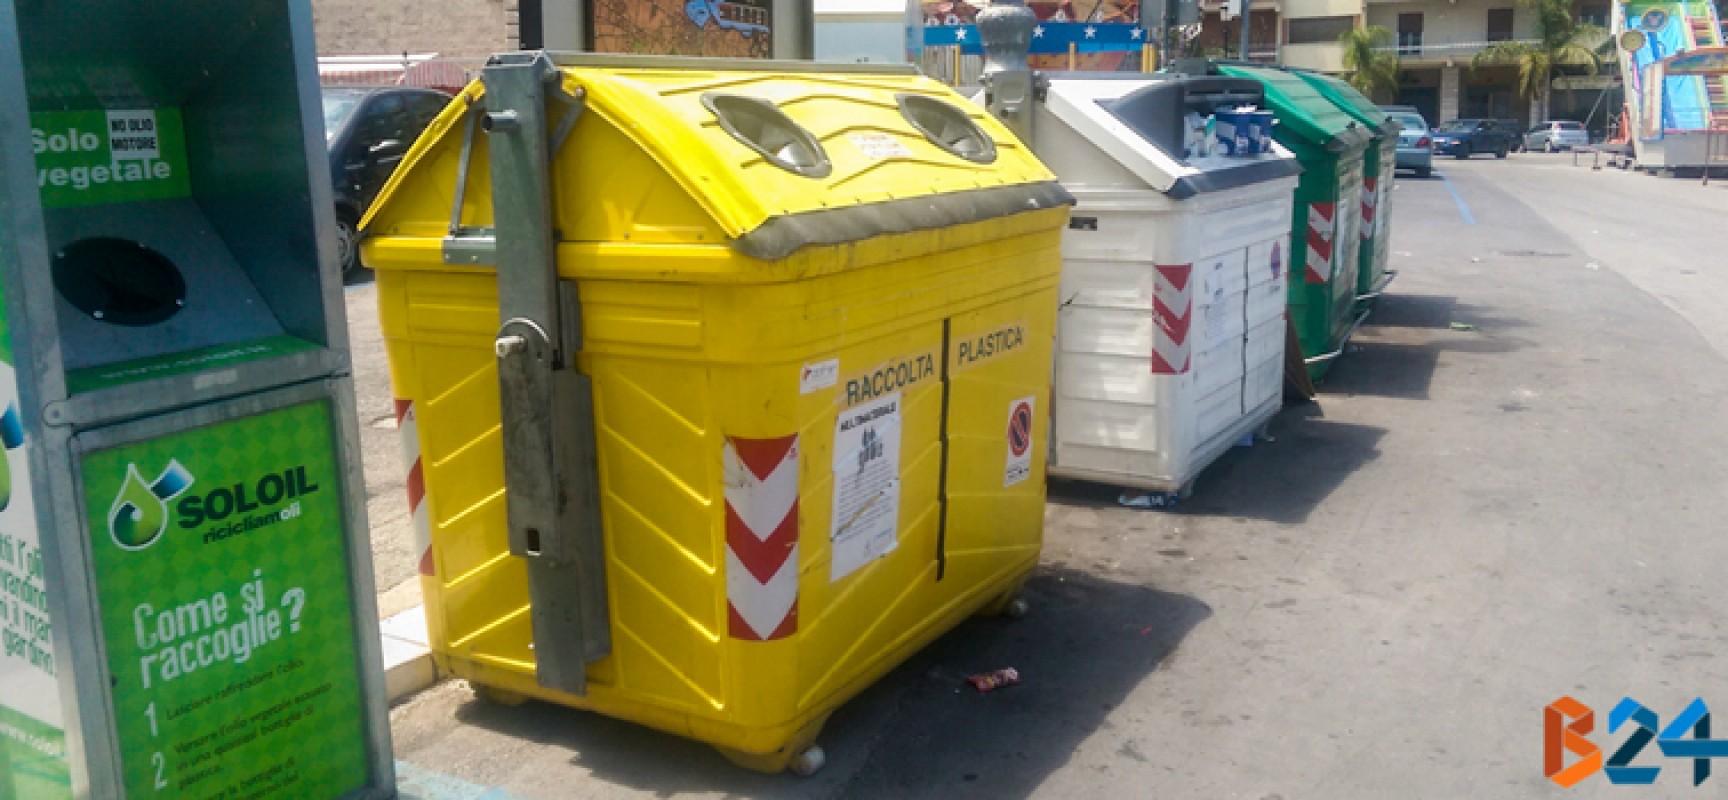 Presto un nuovo gestore dell'igiene urbana a Bisceglie, intanto l'ARO BAT 1 va avanti